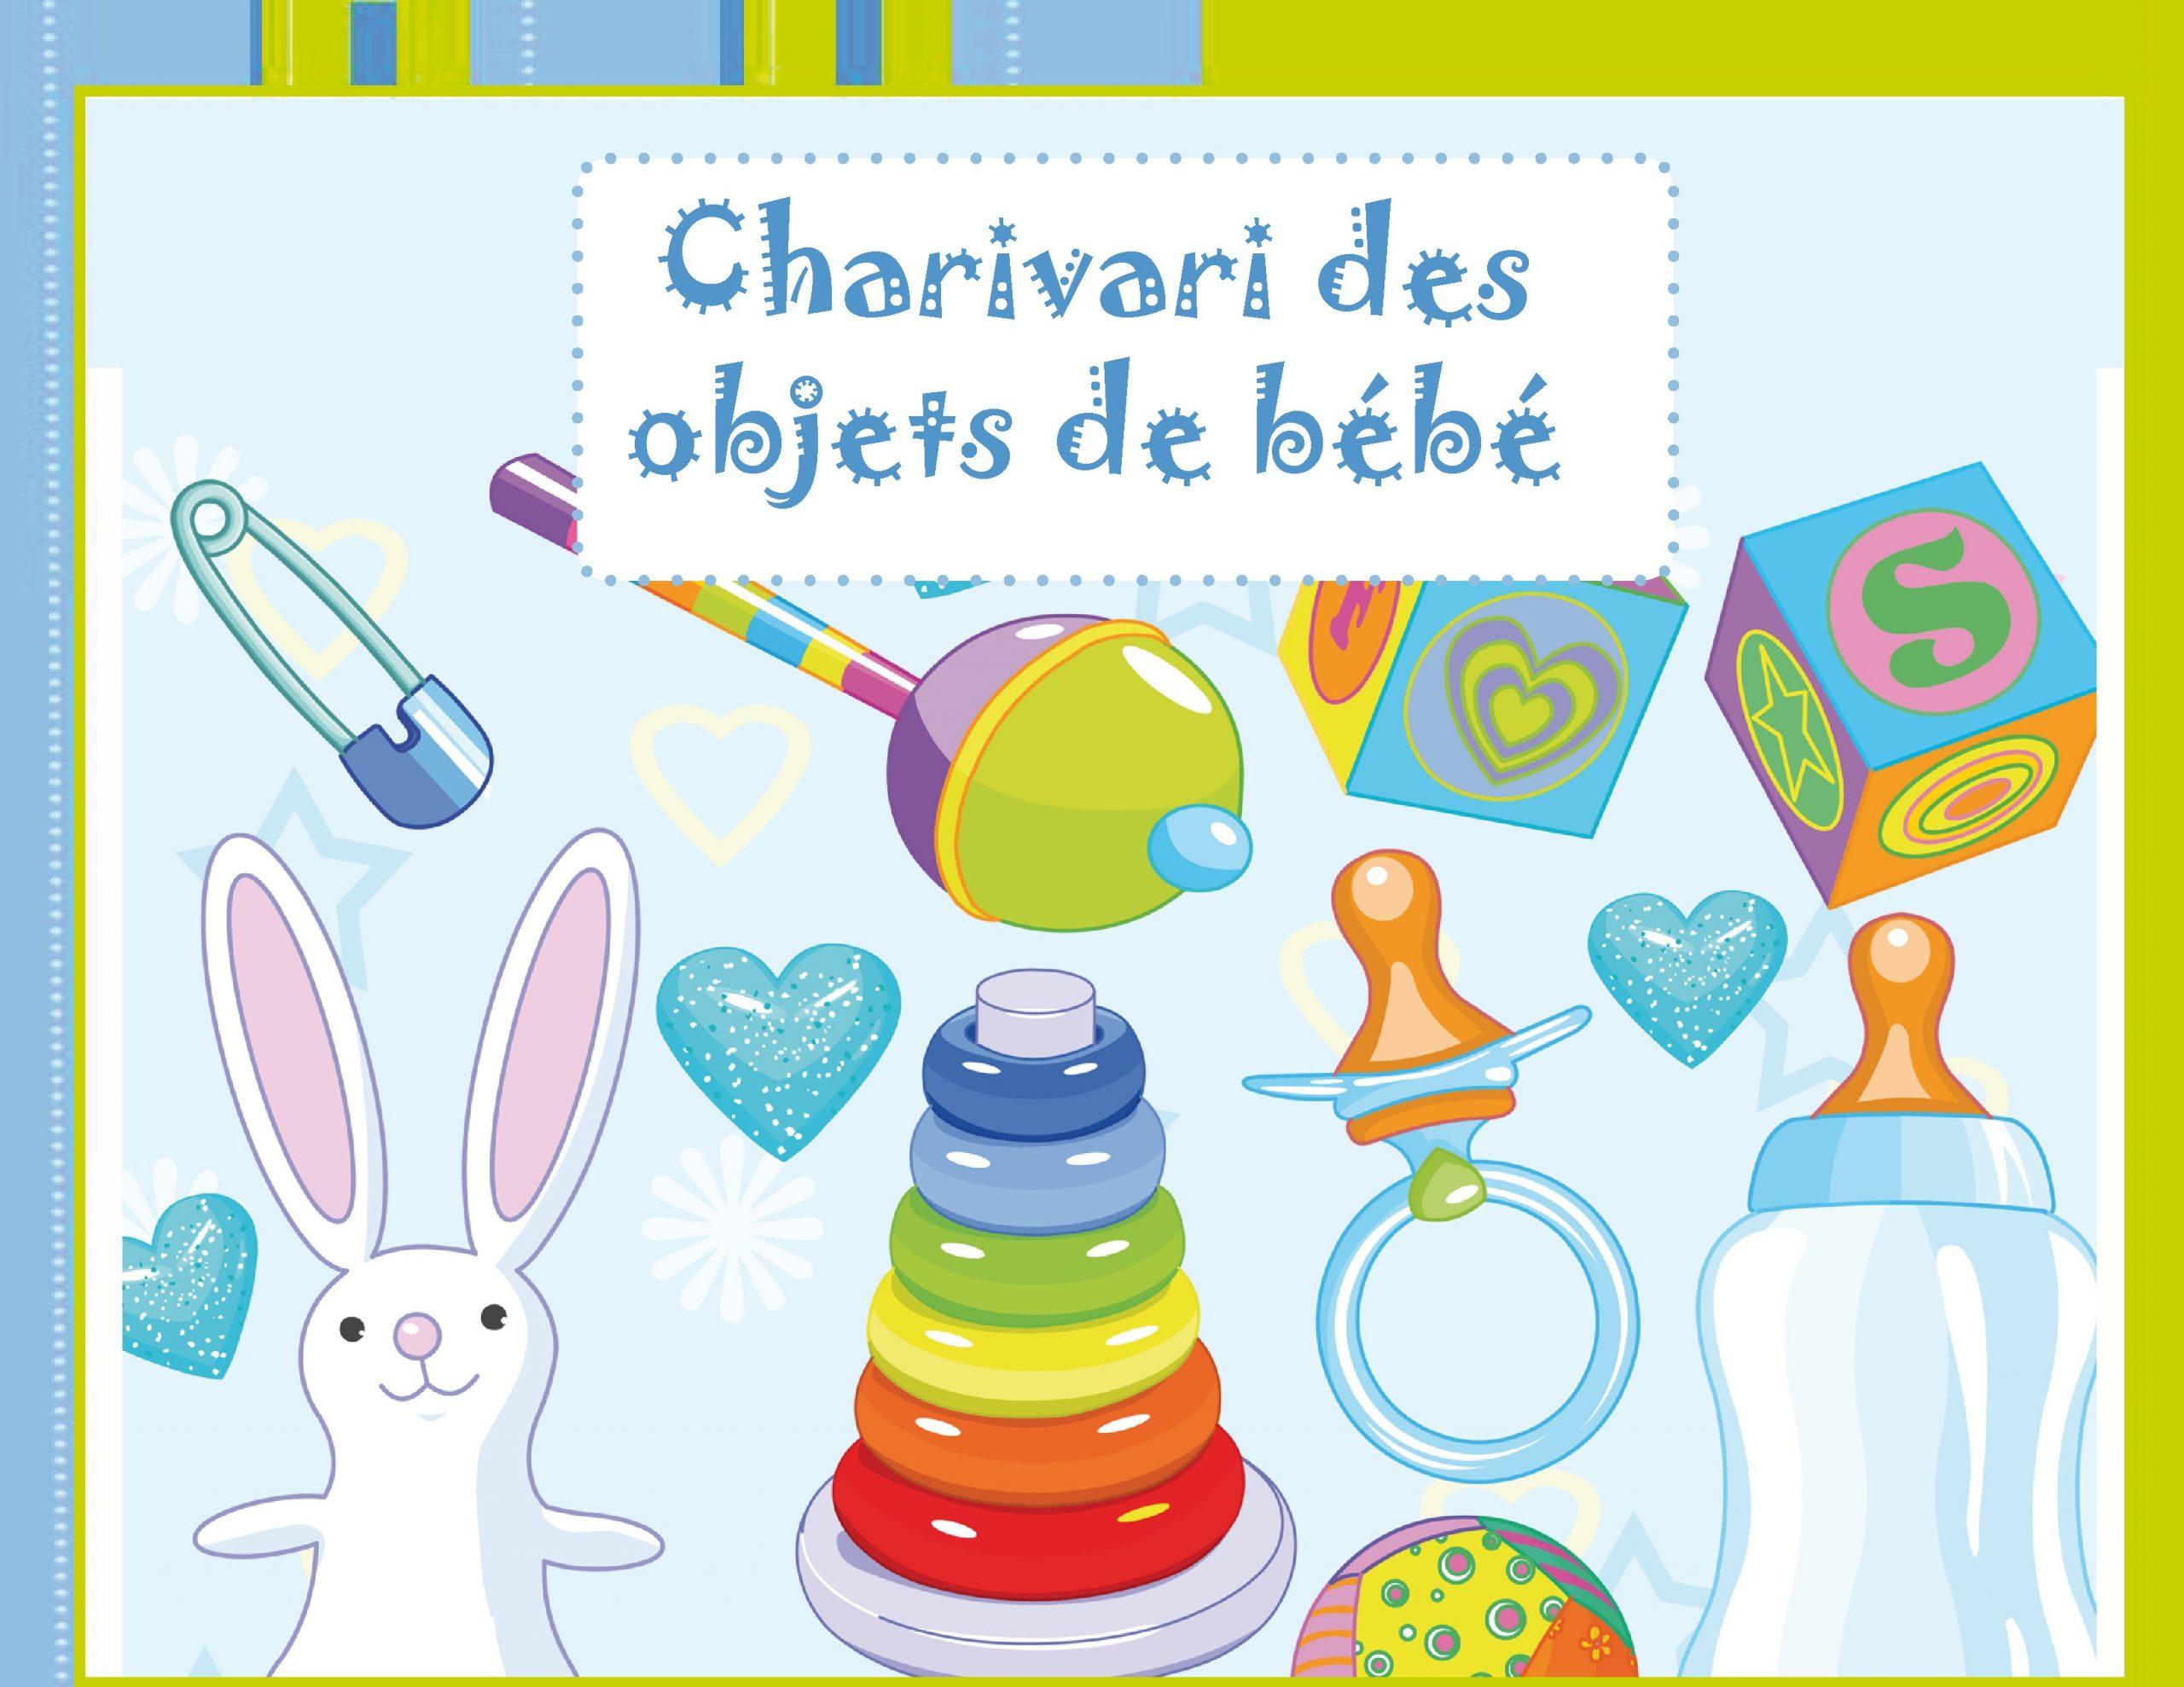 Remplir Une Couche Jeu Shower De Bébé Gratuit: La Boîte À Nanny intérieur Jeux Pour Bebe Gratuit